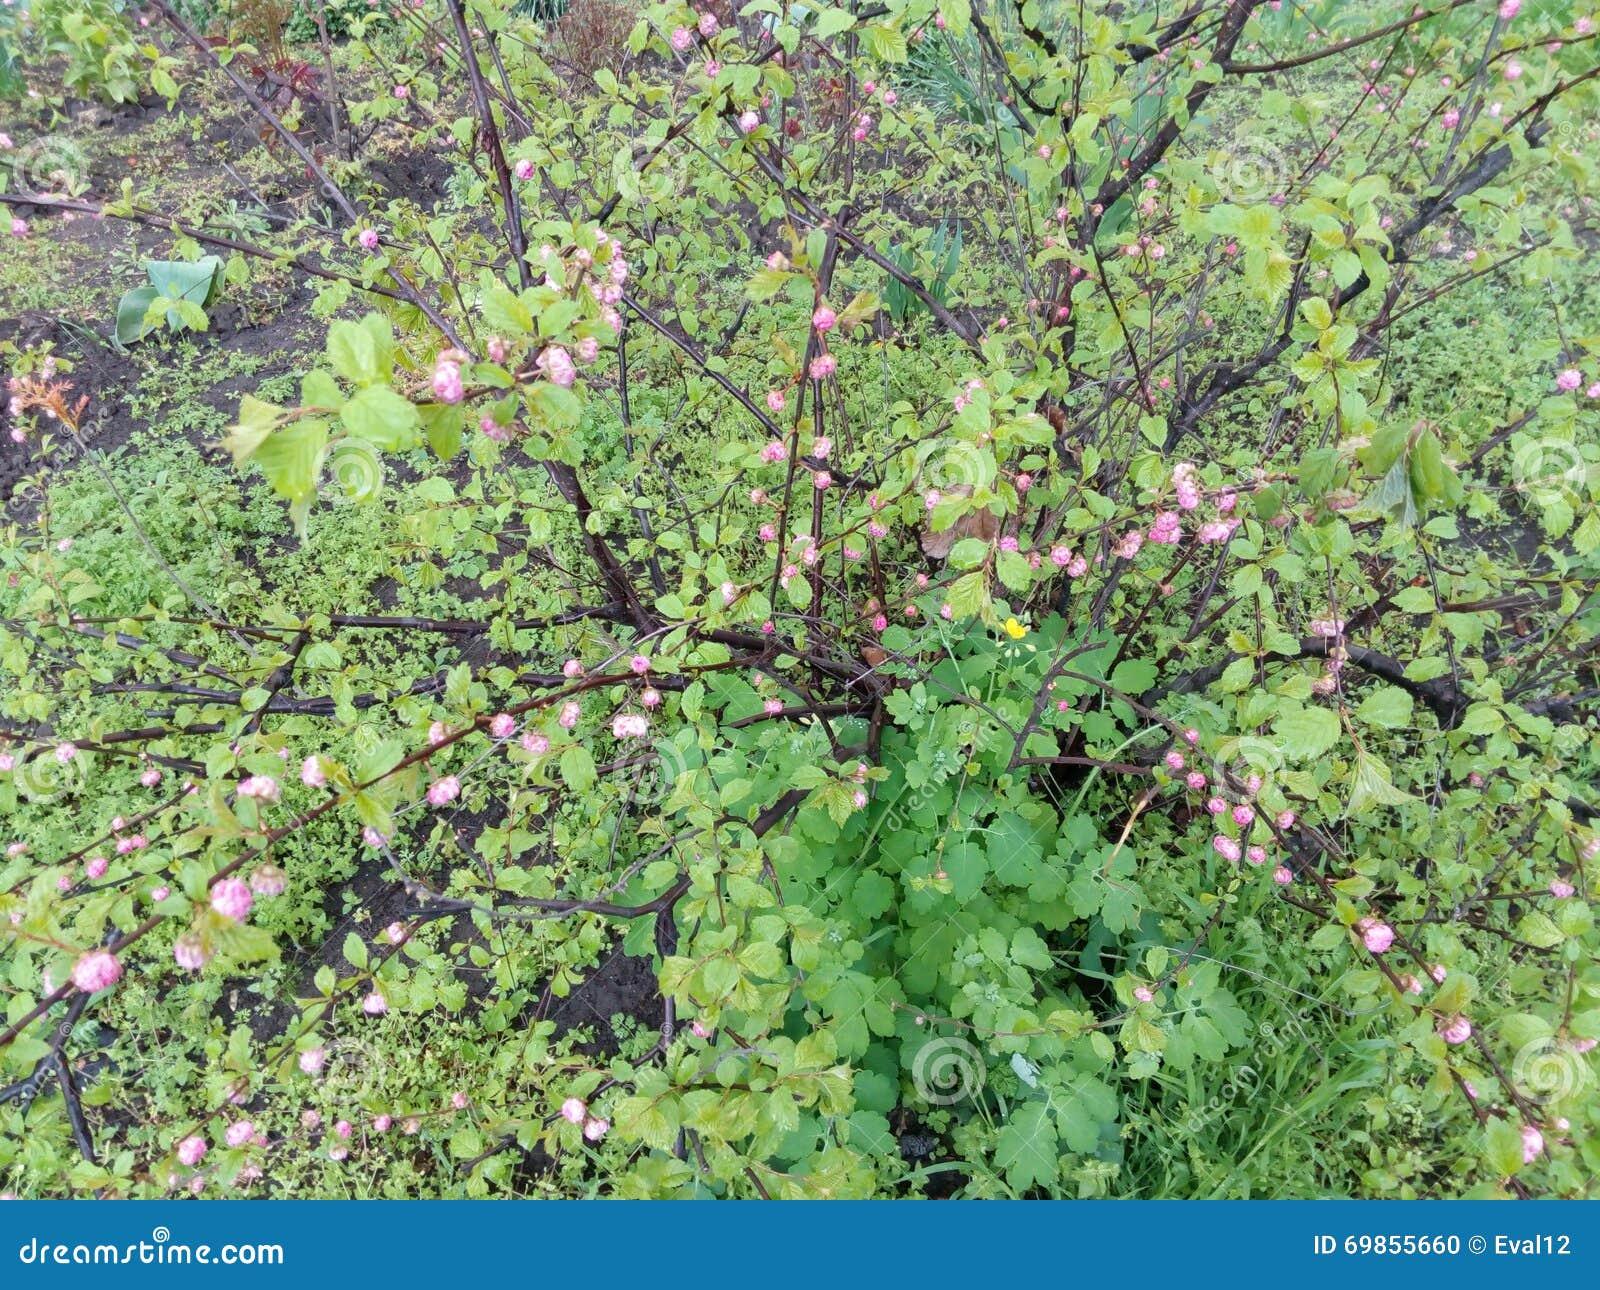 arbuste vert avec de petites feuilles et fleurs violettes photo stock image du vert arbuste. Black Bedroom Furniture Sets. Home Design Ideas